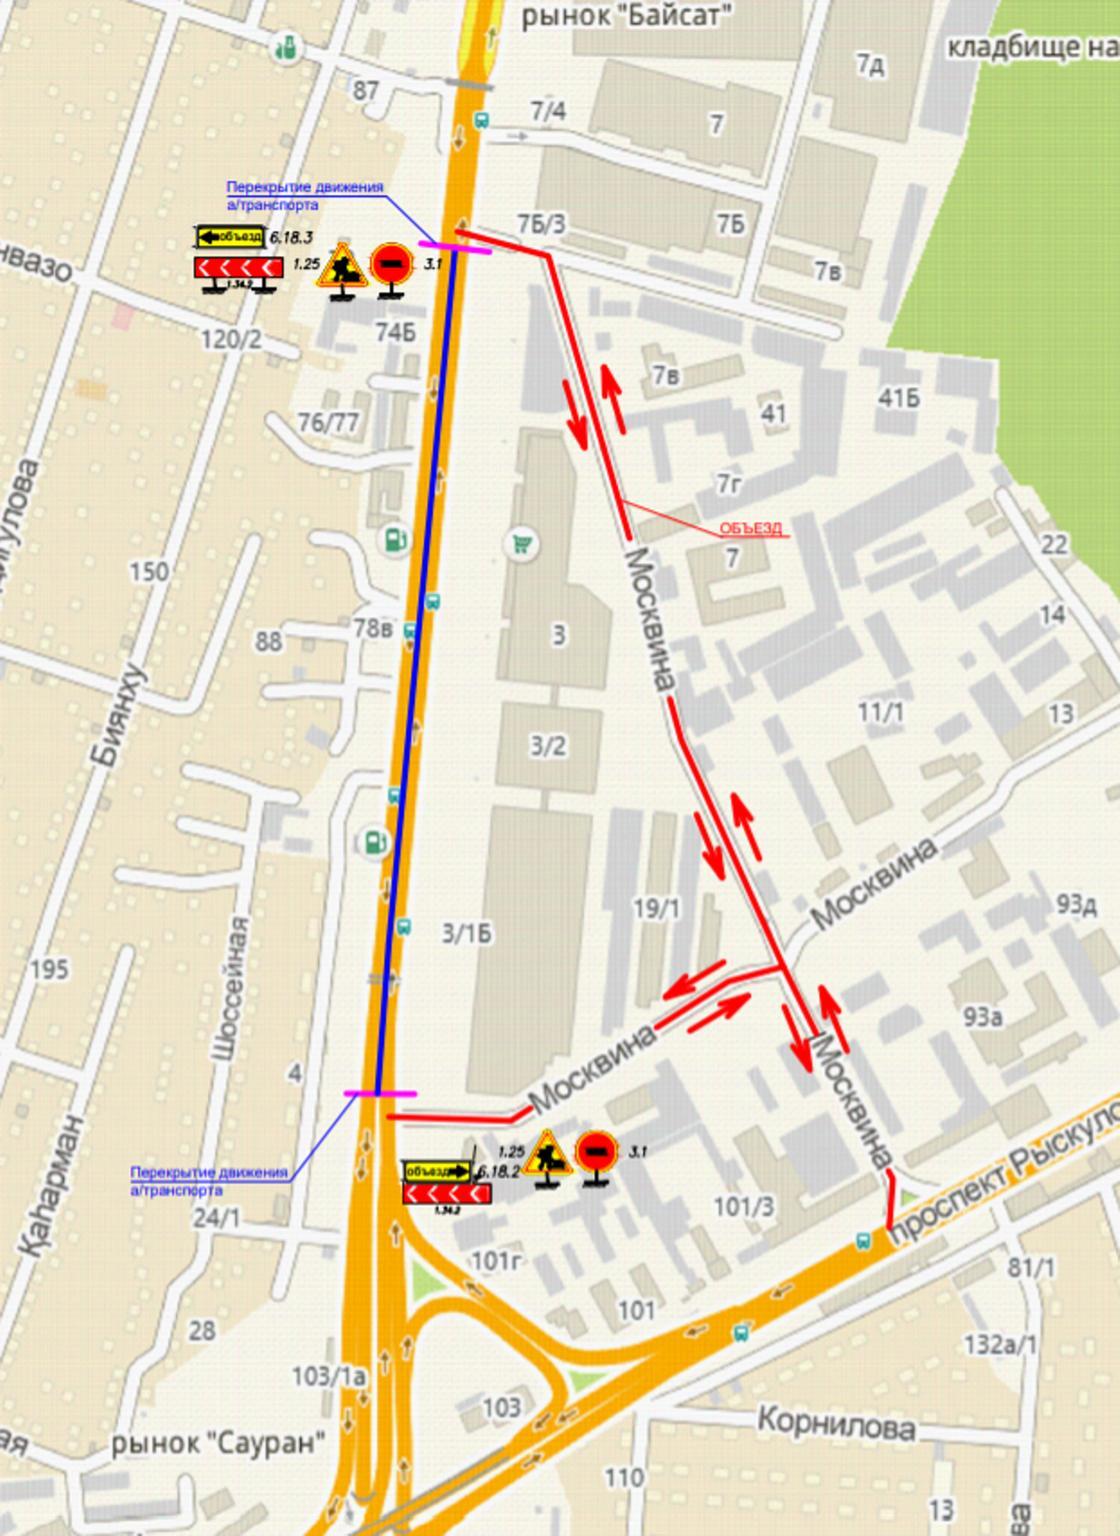 Схема проезда по участку улицы Северное кольцо